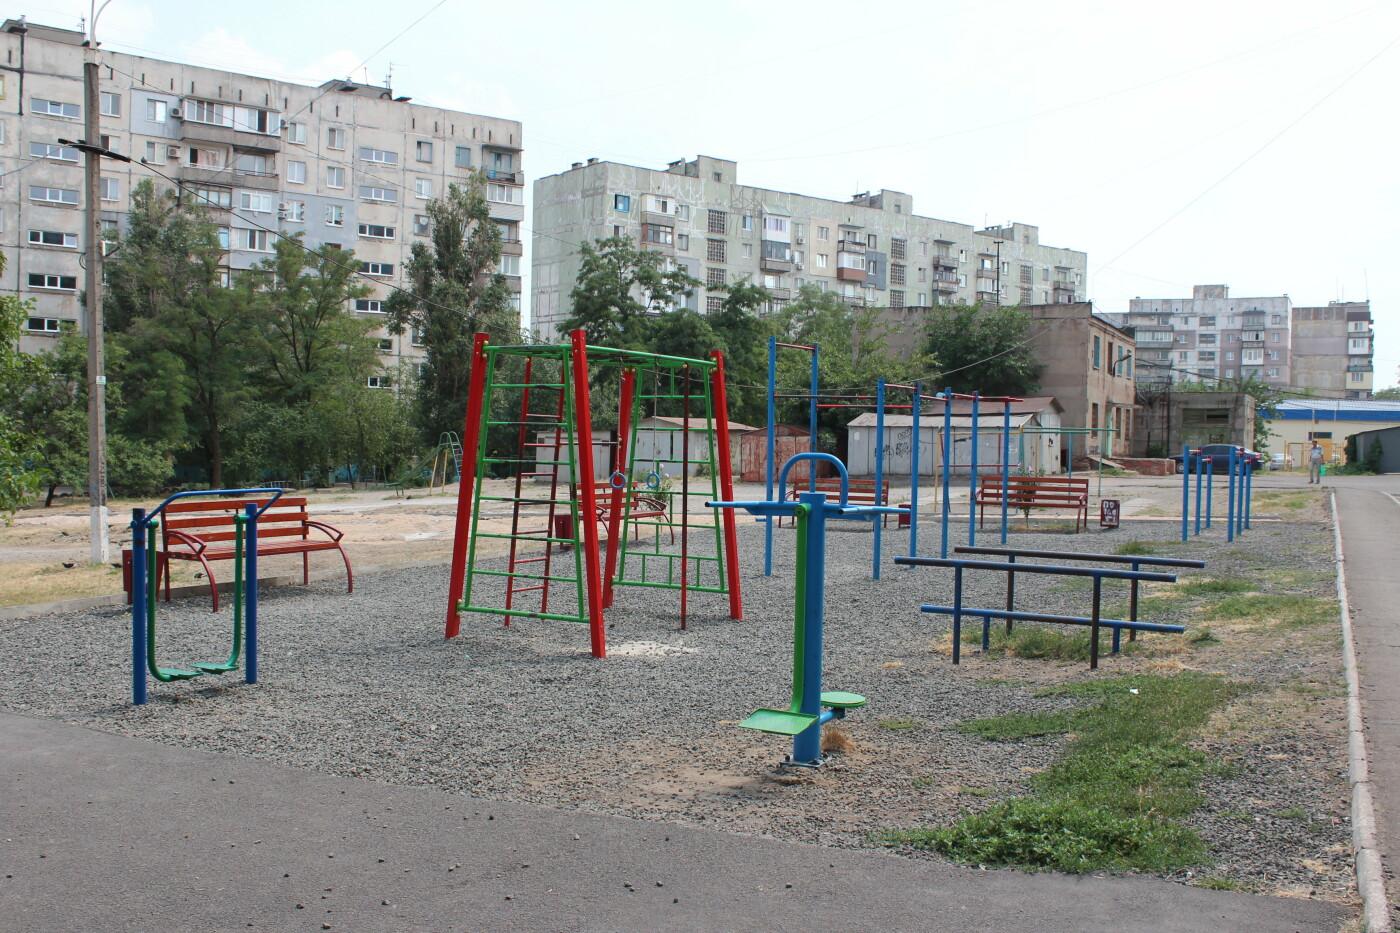 Наші діти – наше майбутнє. Облаштування дитячих і спортивних майданчиків у вашому місті  , фото-1